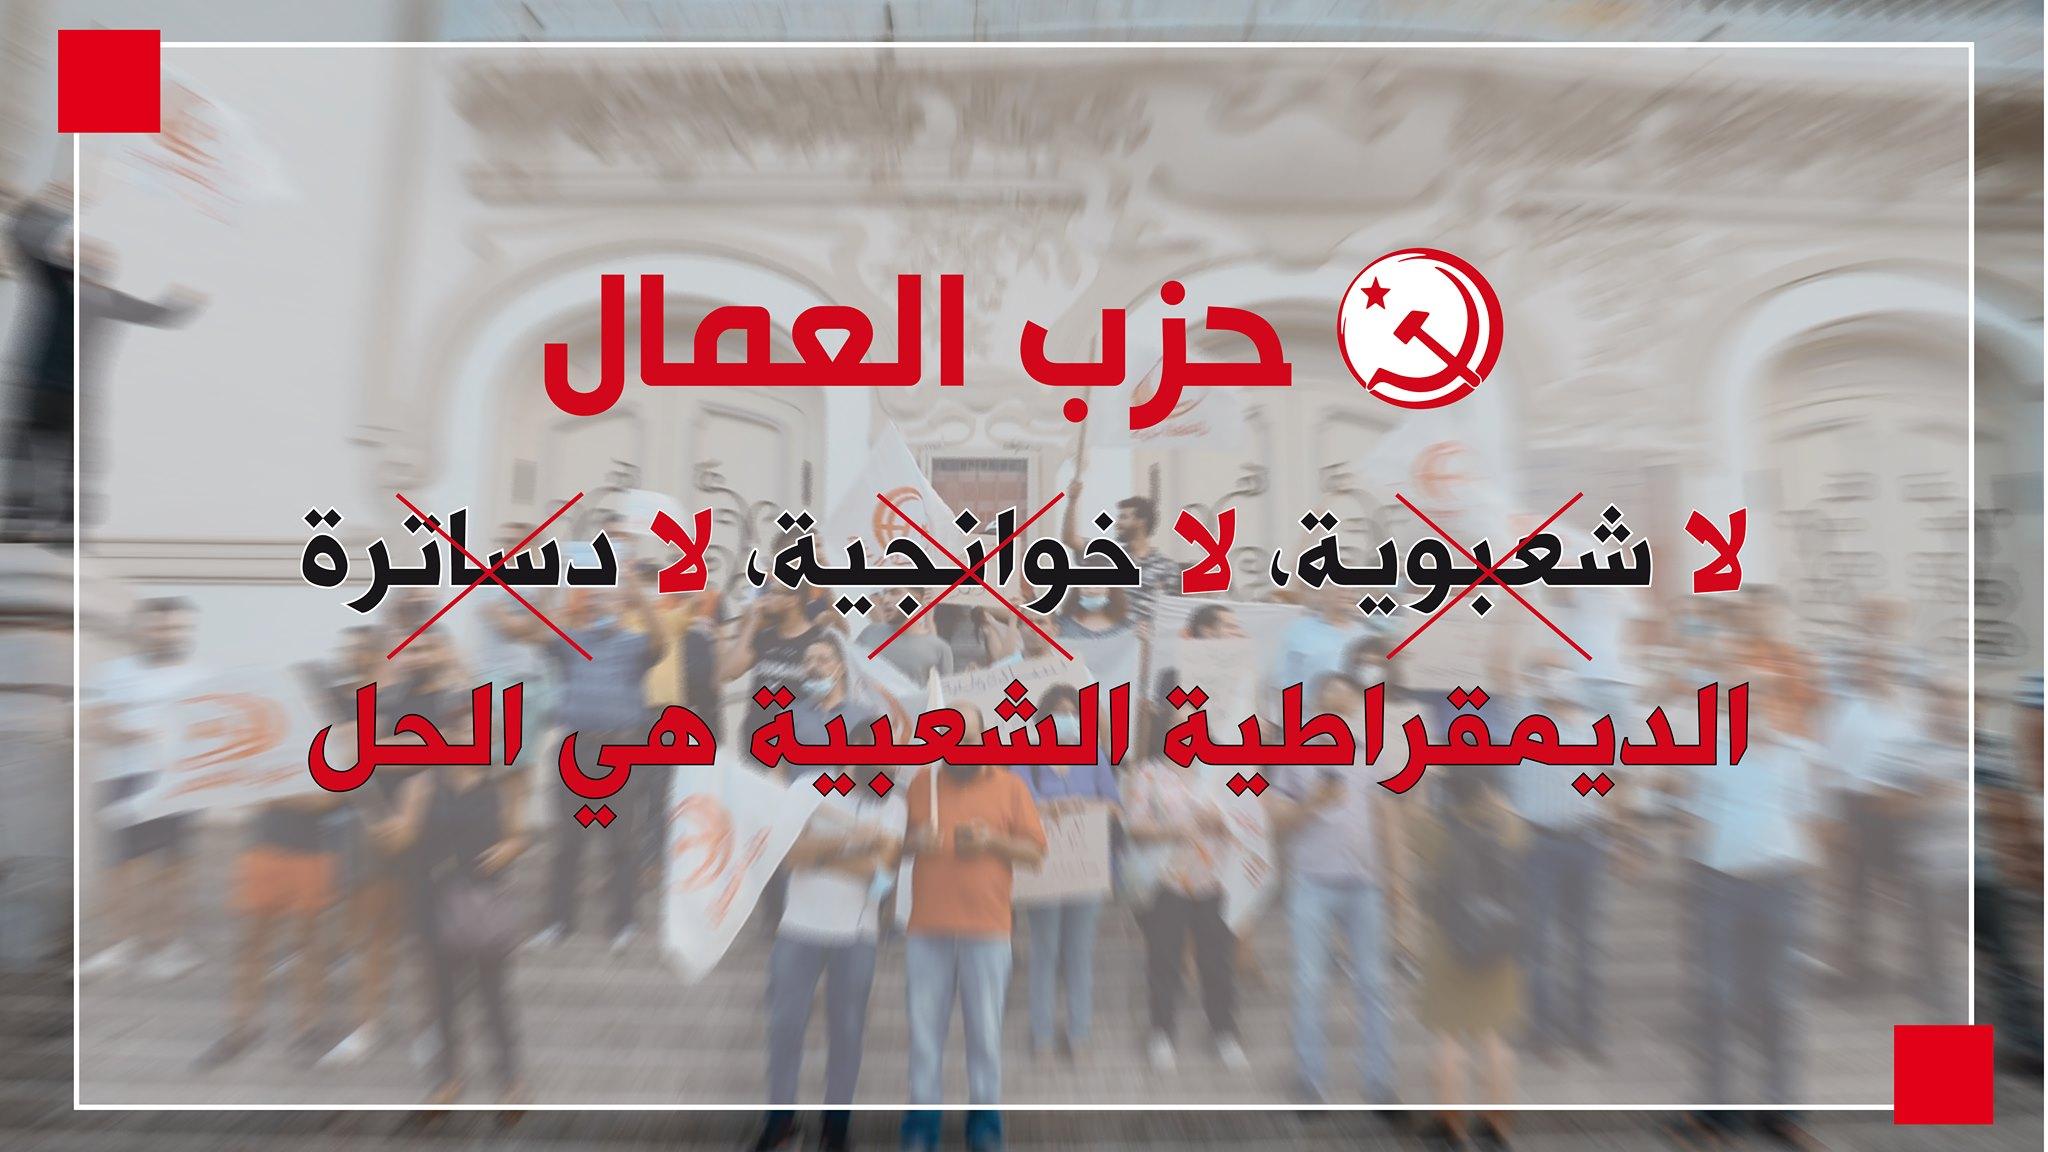 حزب العمال يعتبر حكومة بودن حكومة انقلاب بلا برنامج لتونس وشعبها